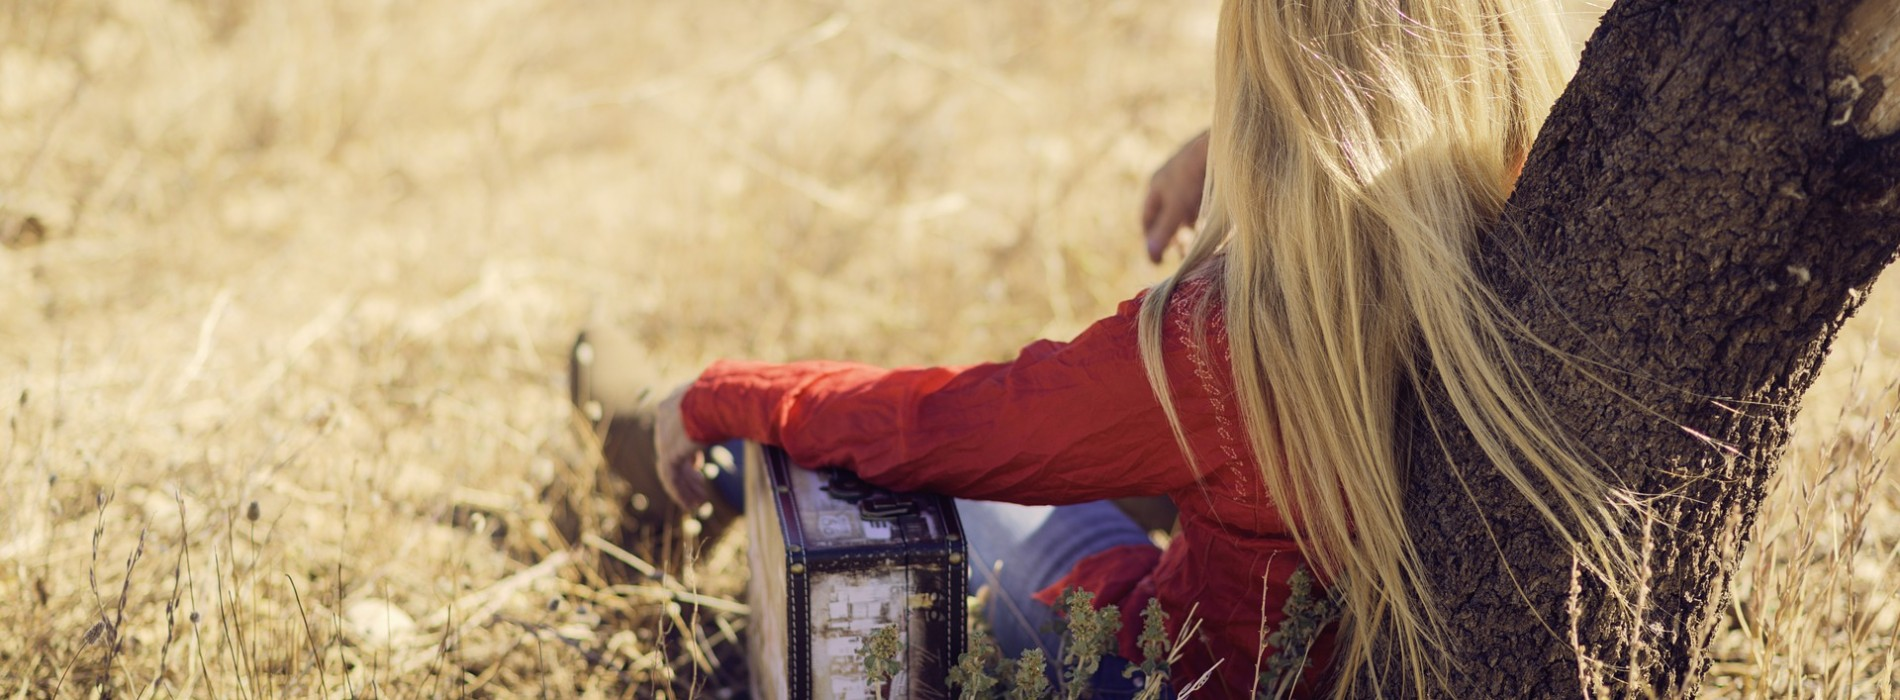 Cómo hacer la maleta: 6 consejos que te ayudarán